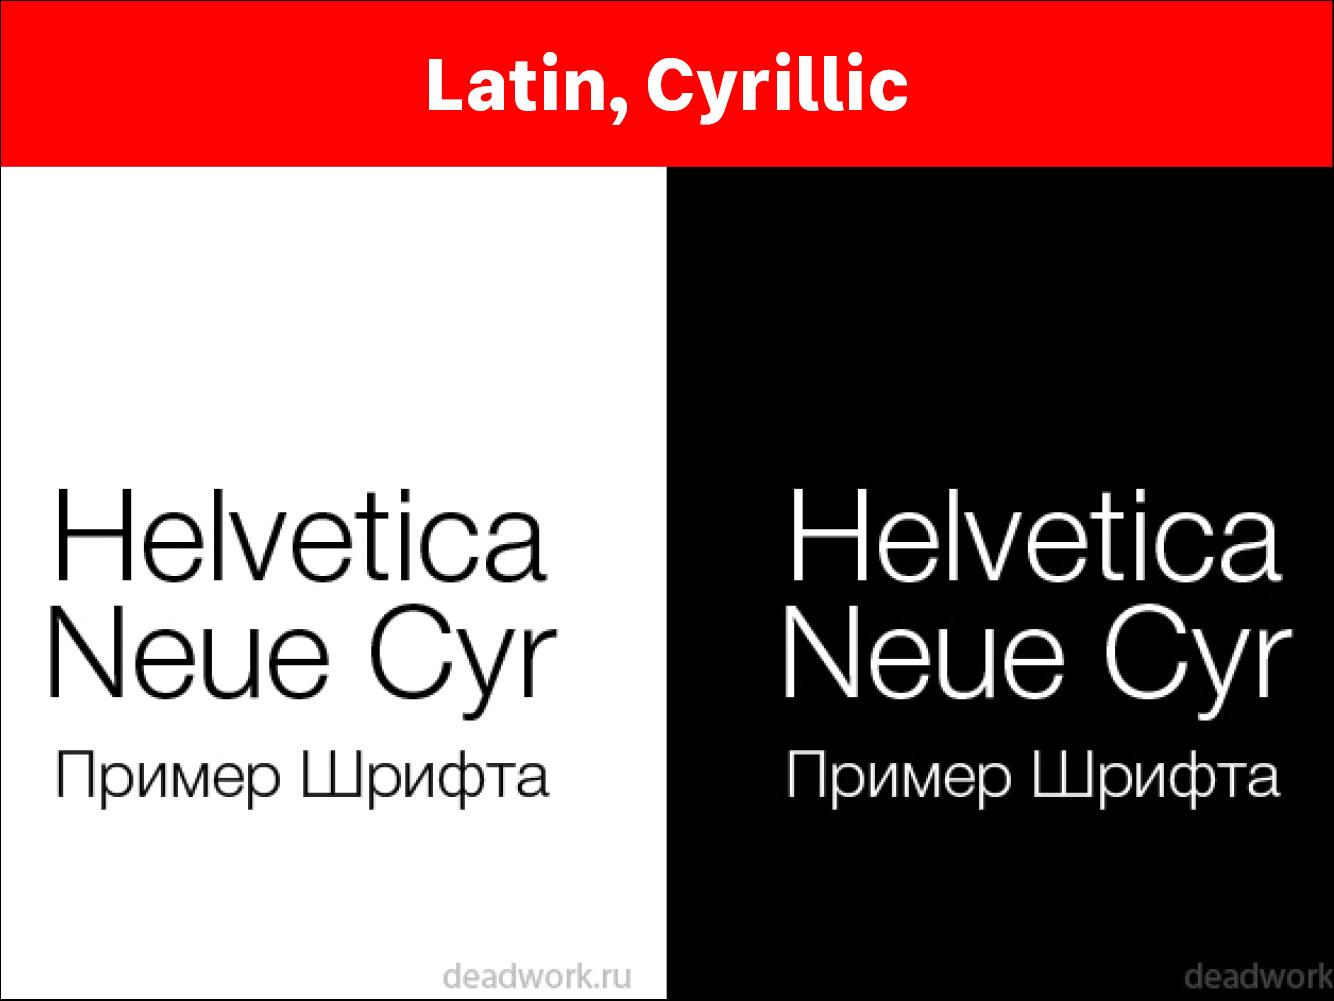 Helvetica Infant Font